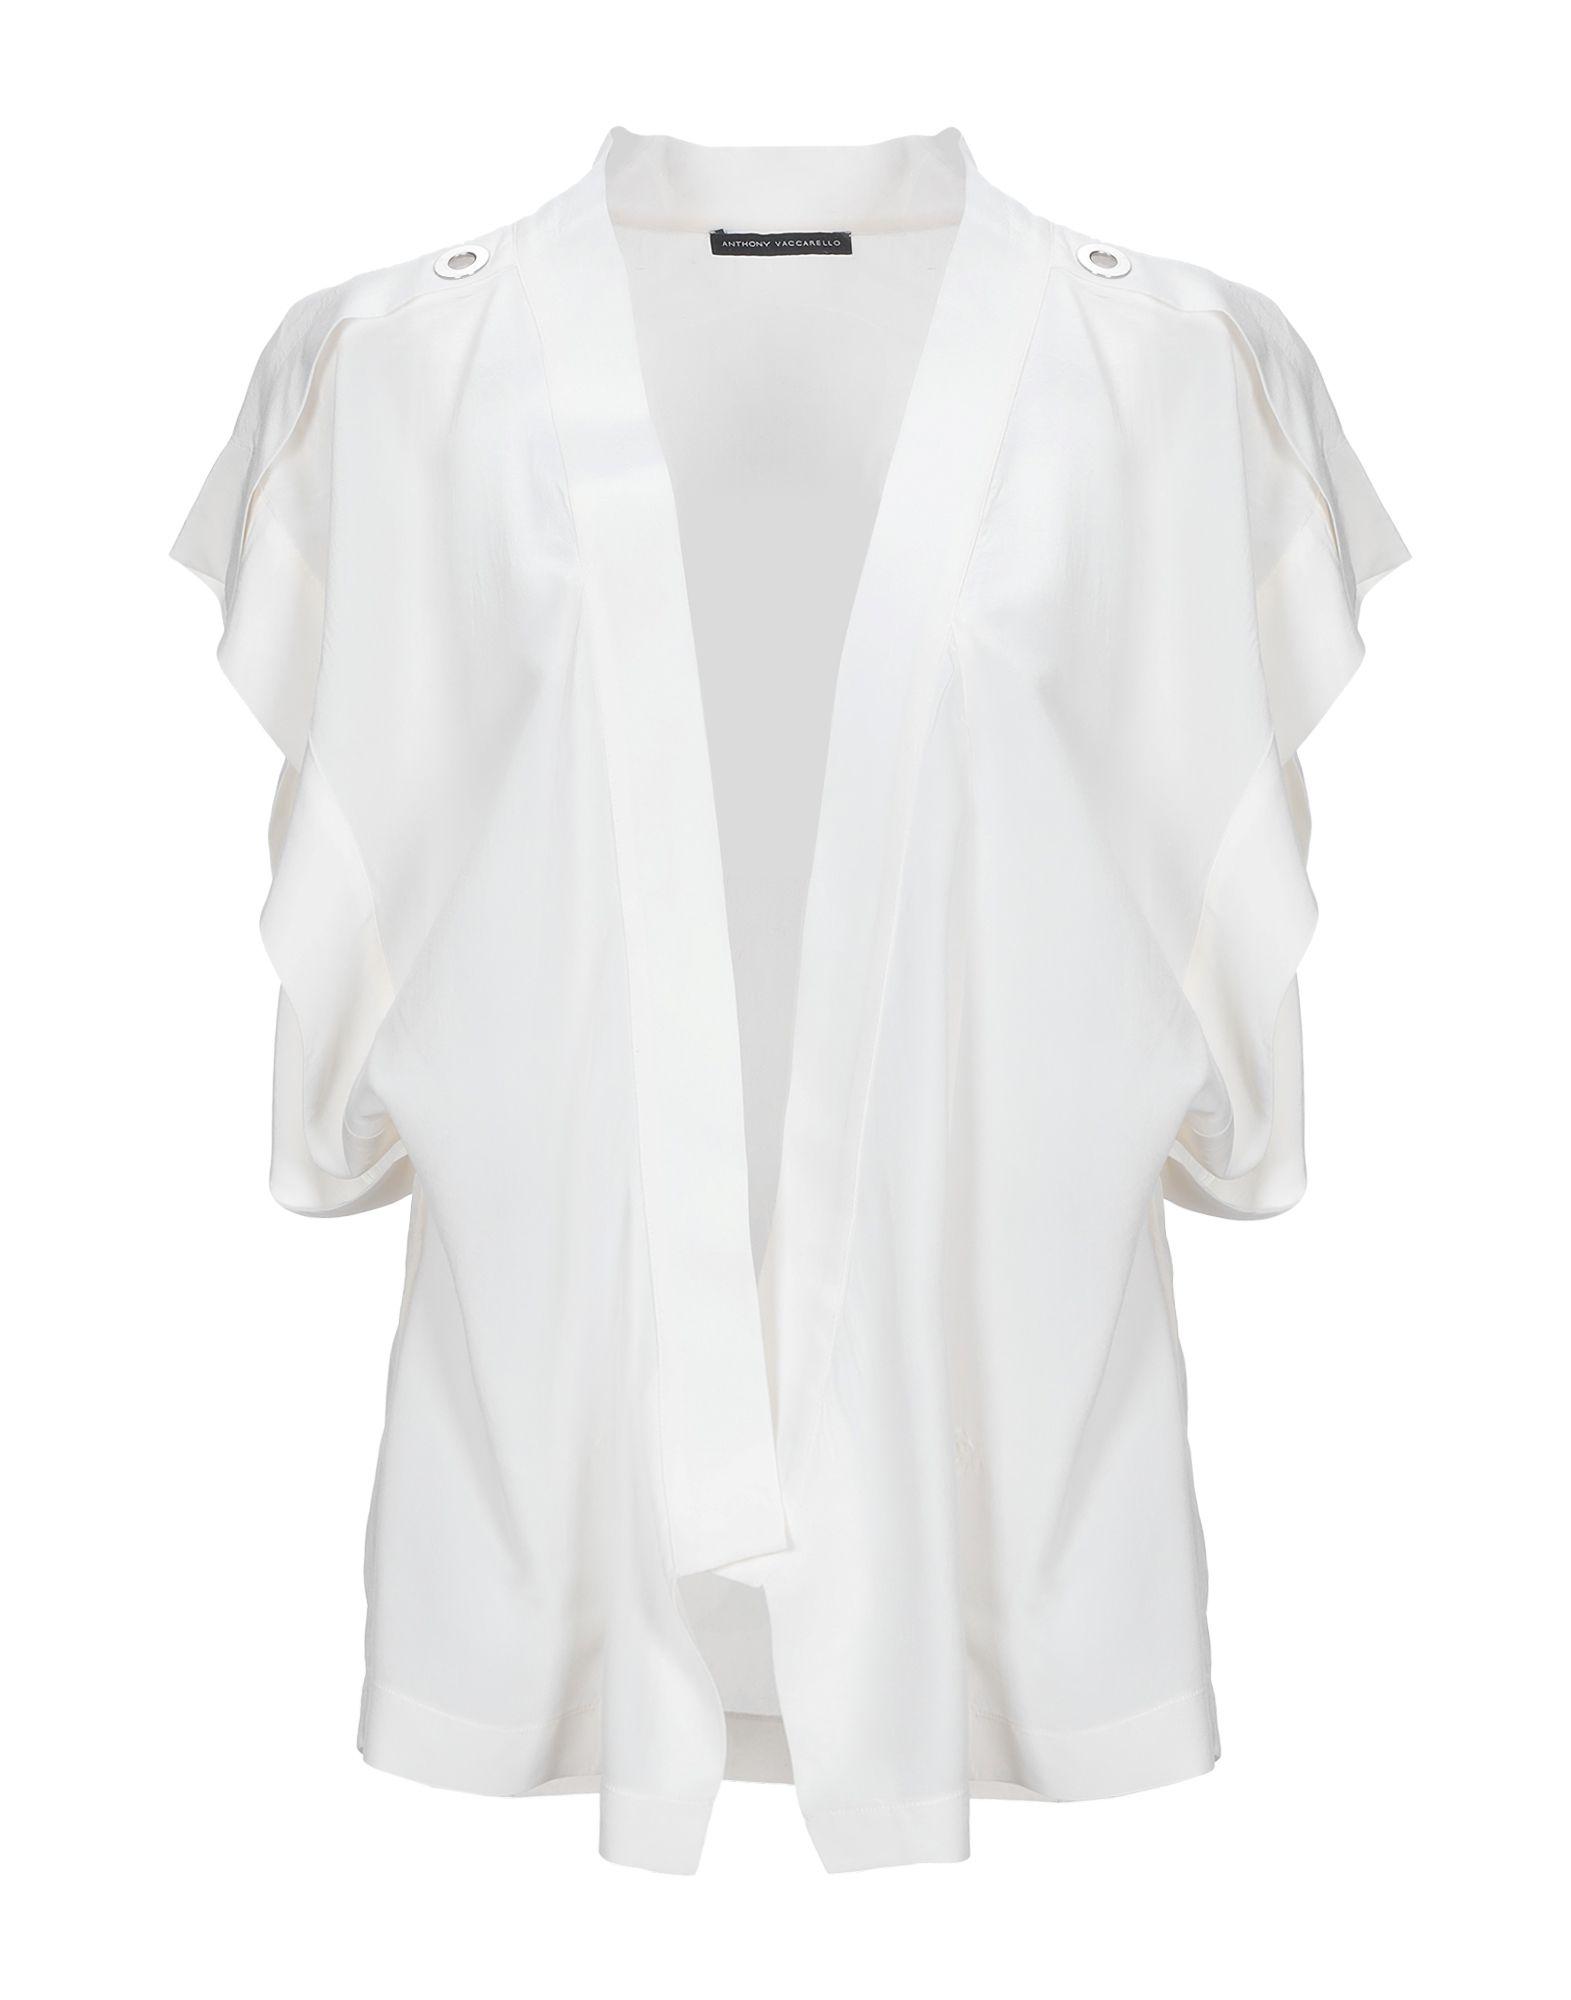 ANTHONY VACCARELLO Кардиган anthony vaccarello noir футболка